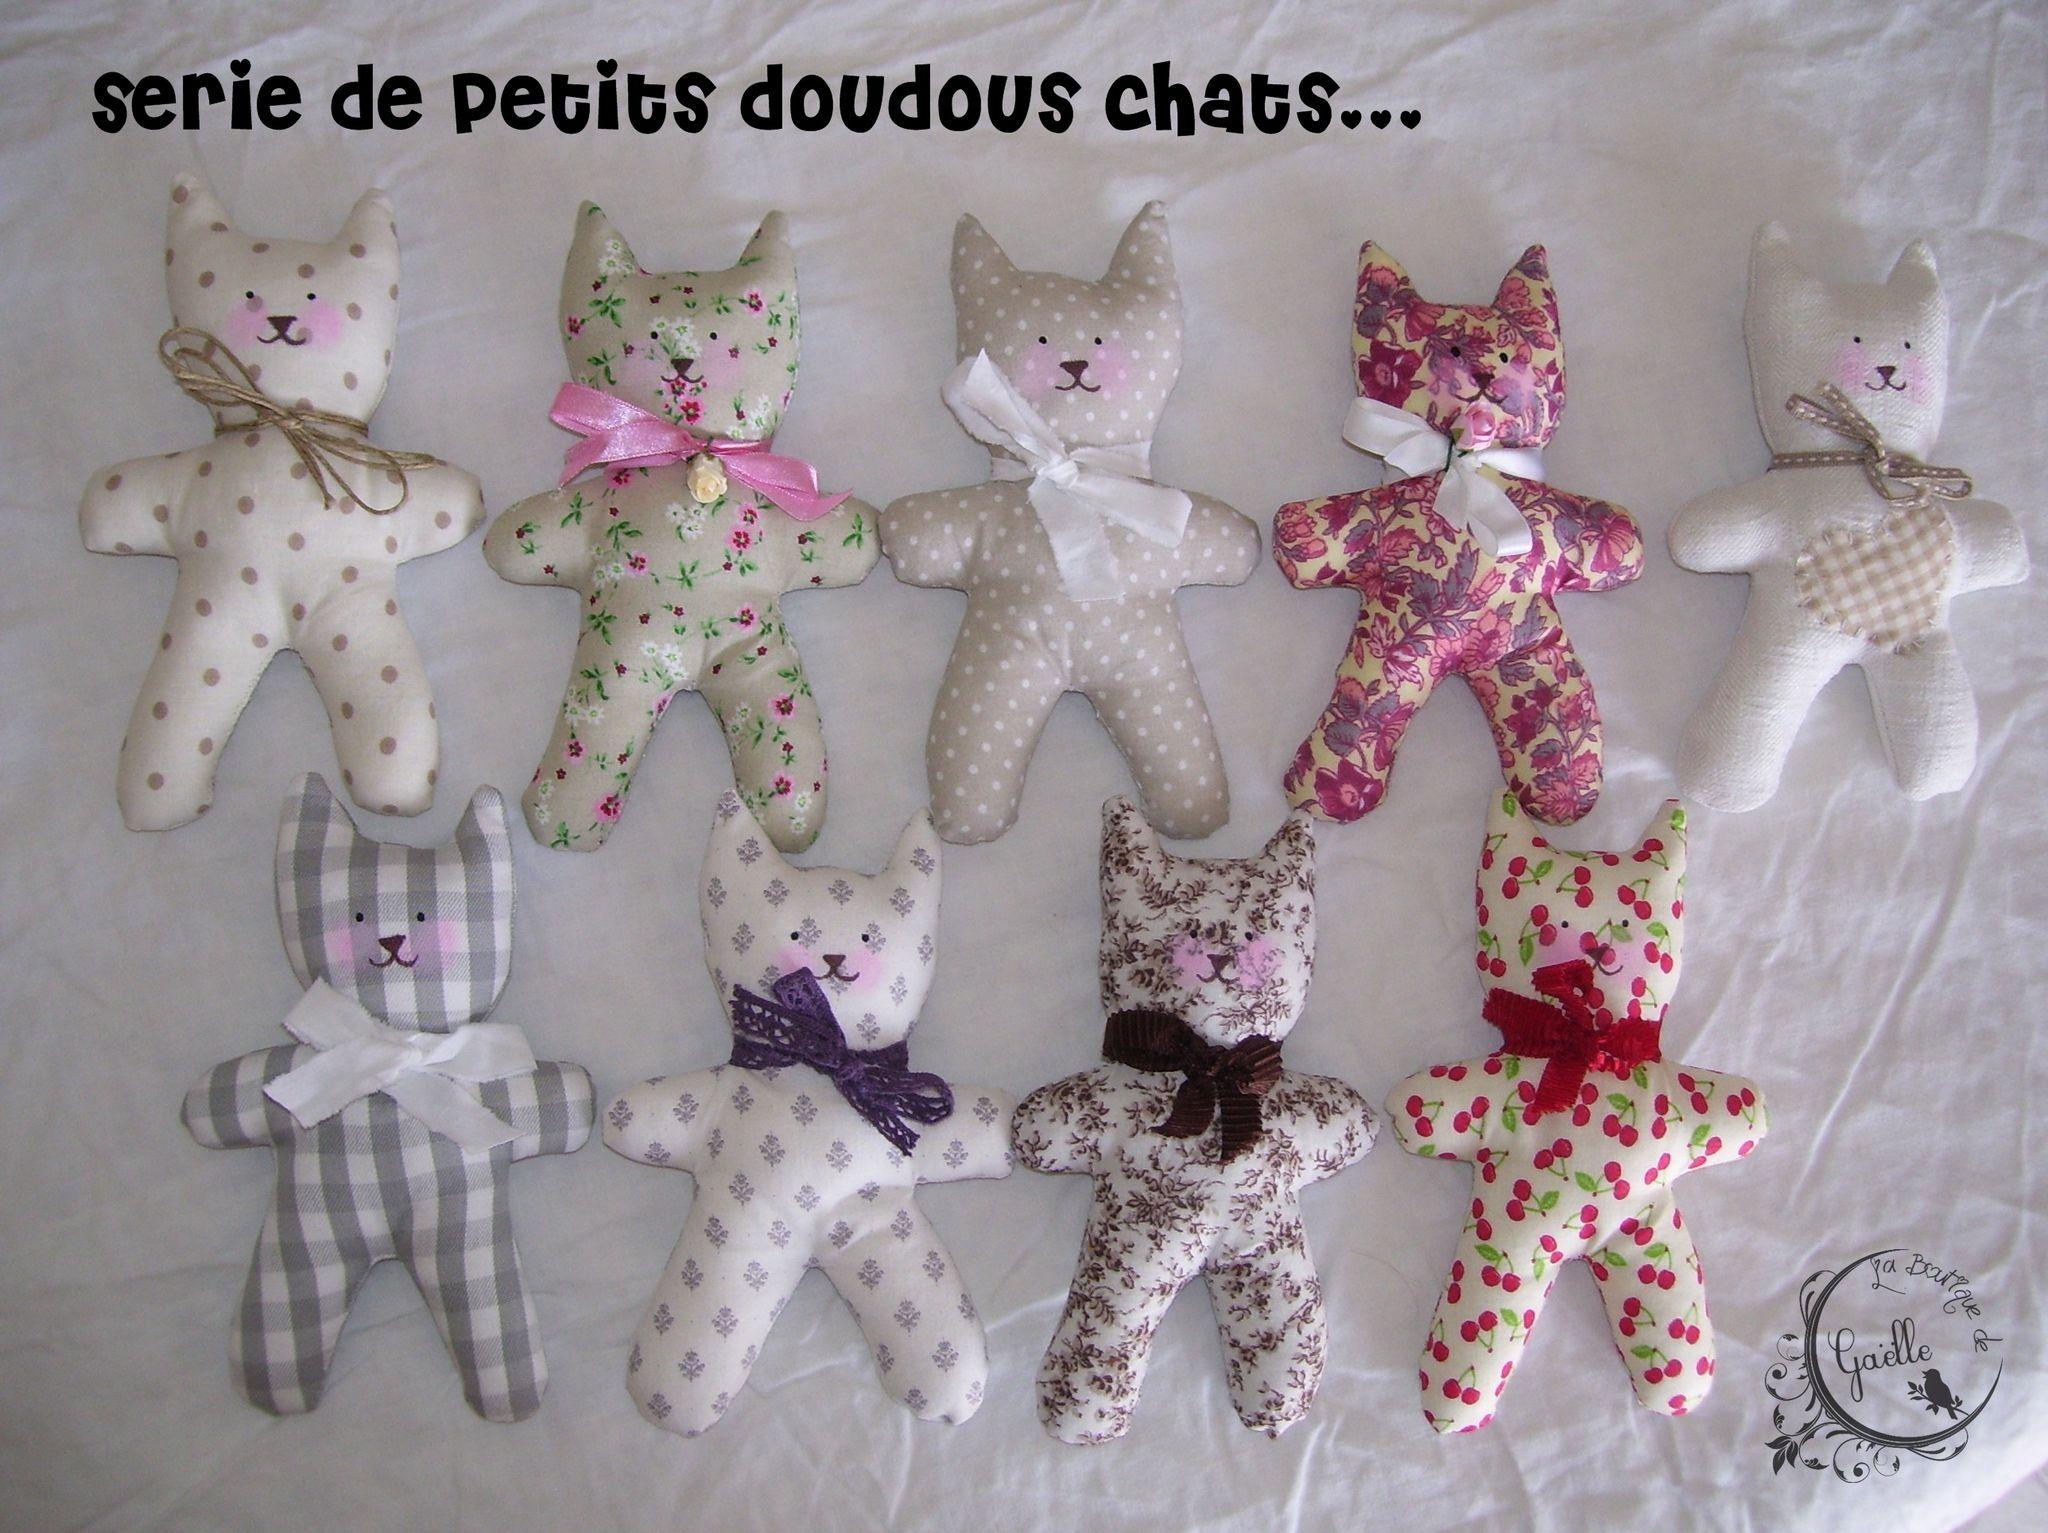 Série de petits doudous chats...